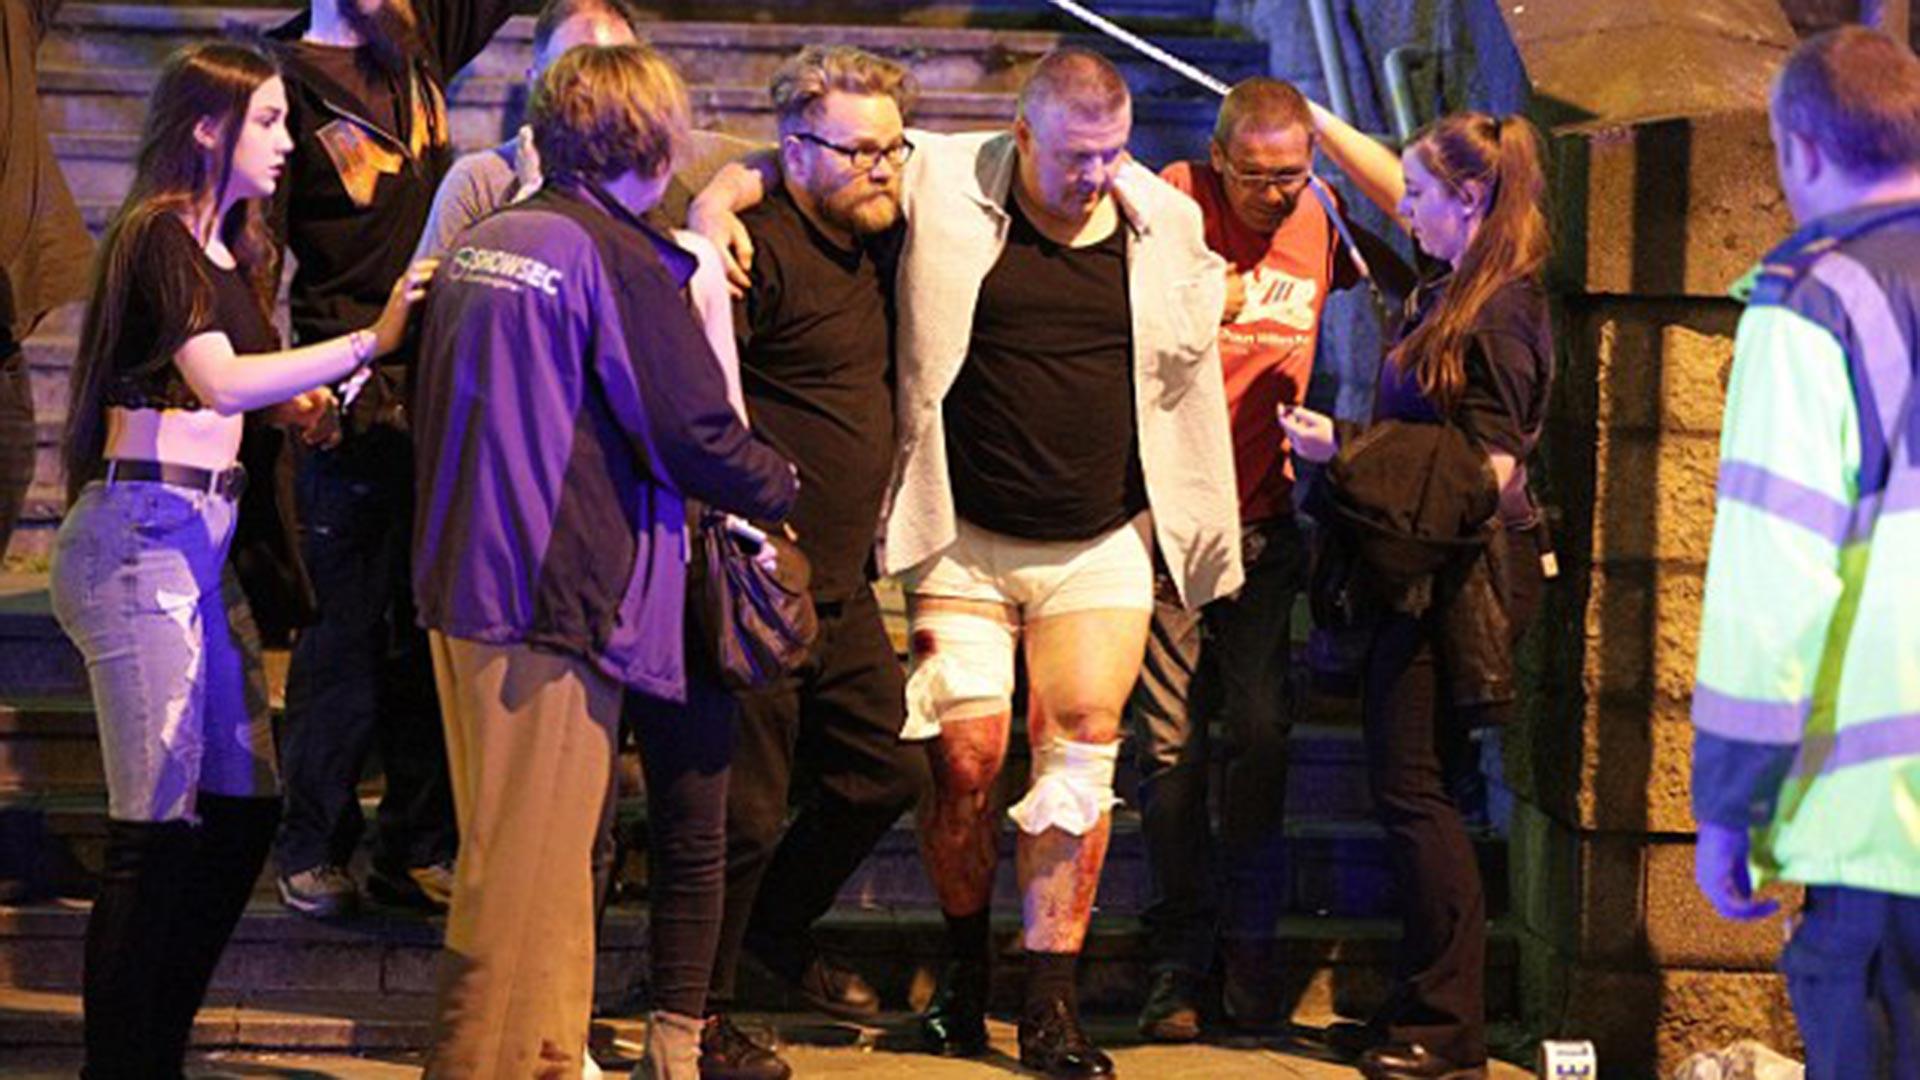 Según varios reportes, el número de heridos y muertos podría aumentar cuando se conozca el estado real de los más de 20 mil asistentes al concierto, en su mayoría, jóvenes